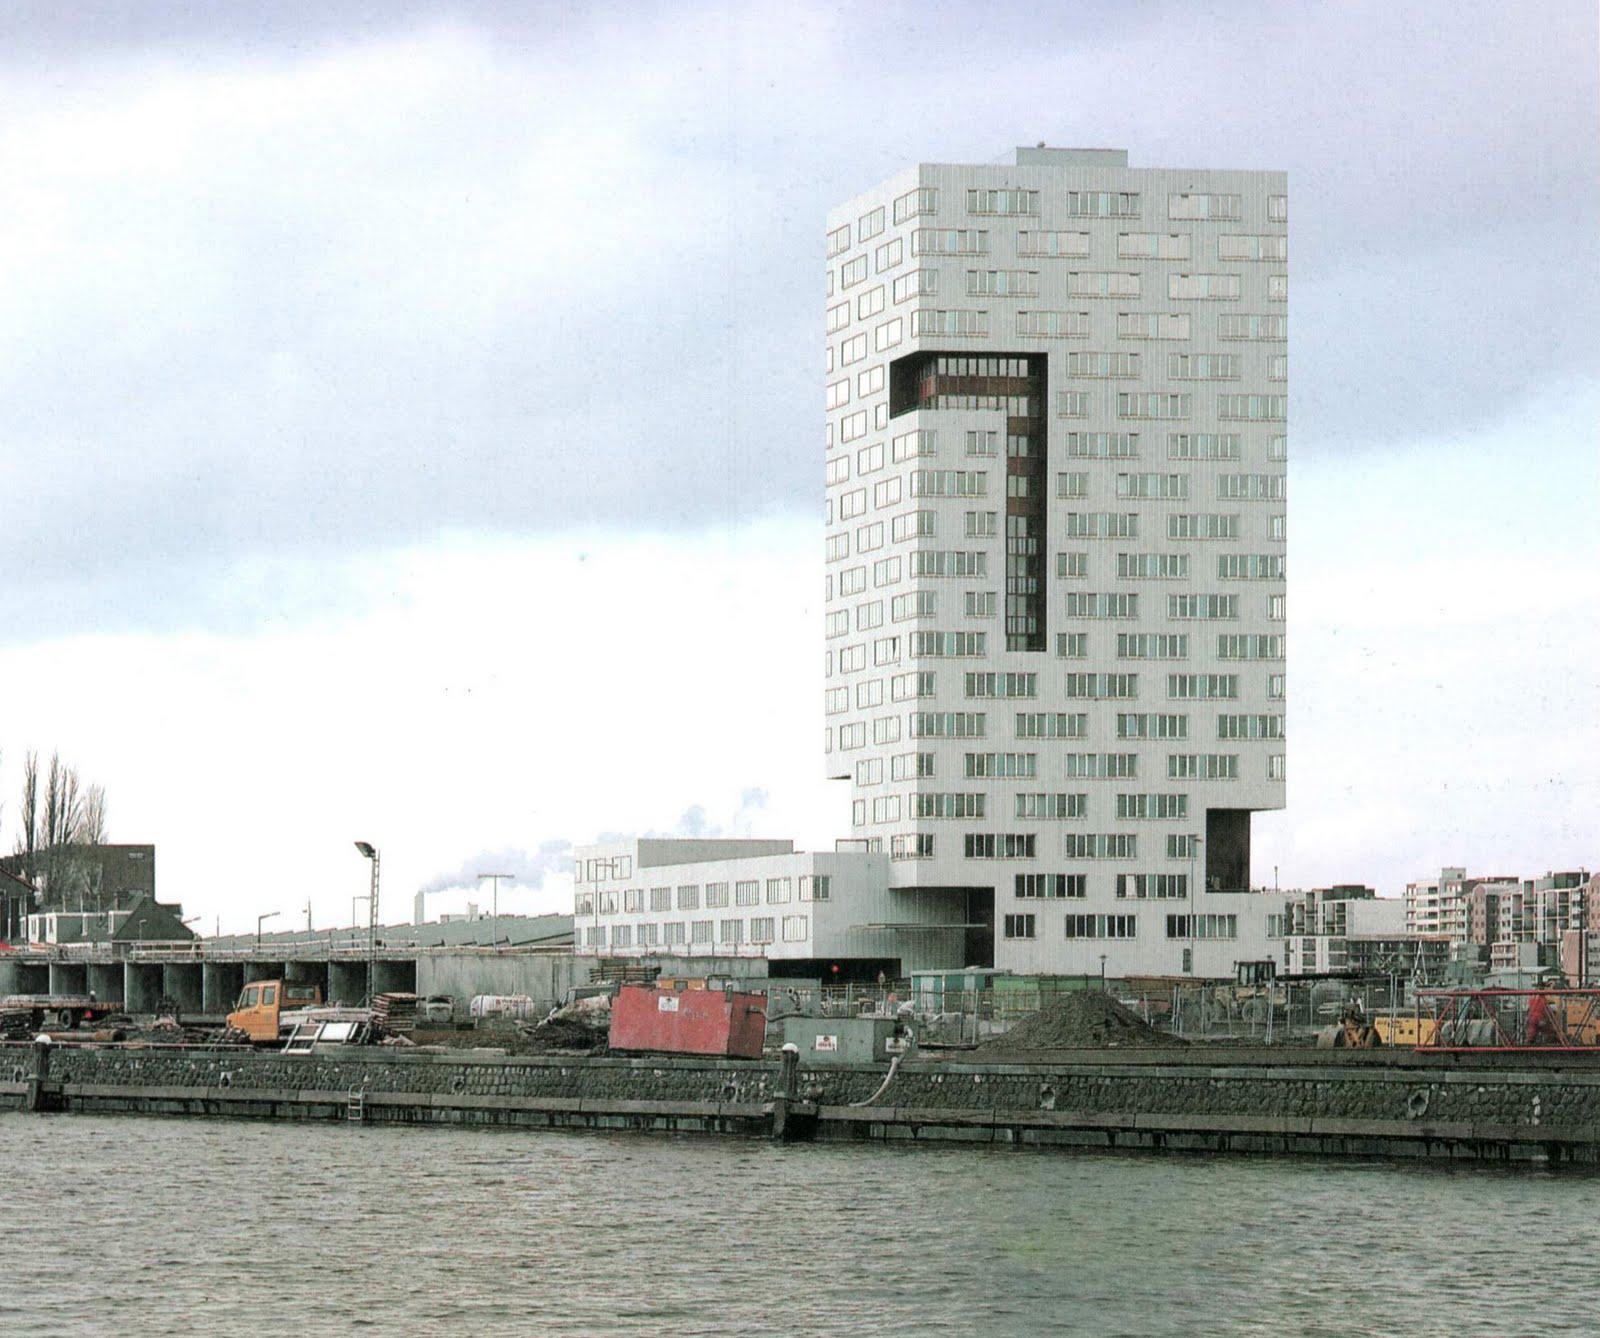 Neutelings riedijk torre ij de apartamentos en amsterdam hic arquitectura - Apartamentos en amsterdam ...